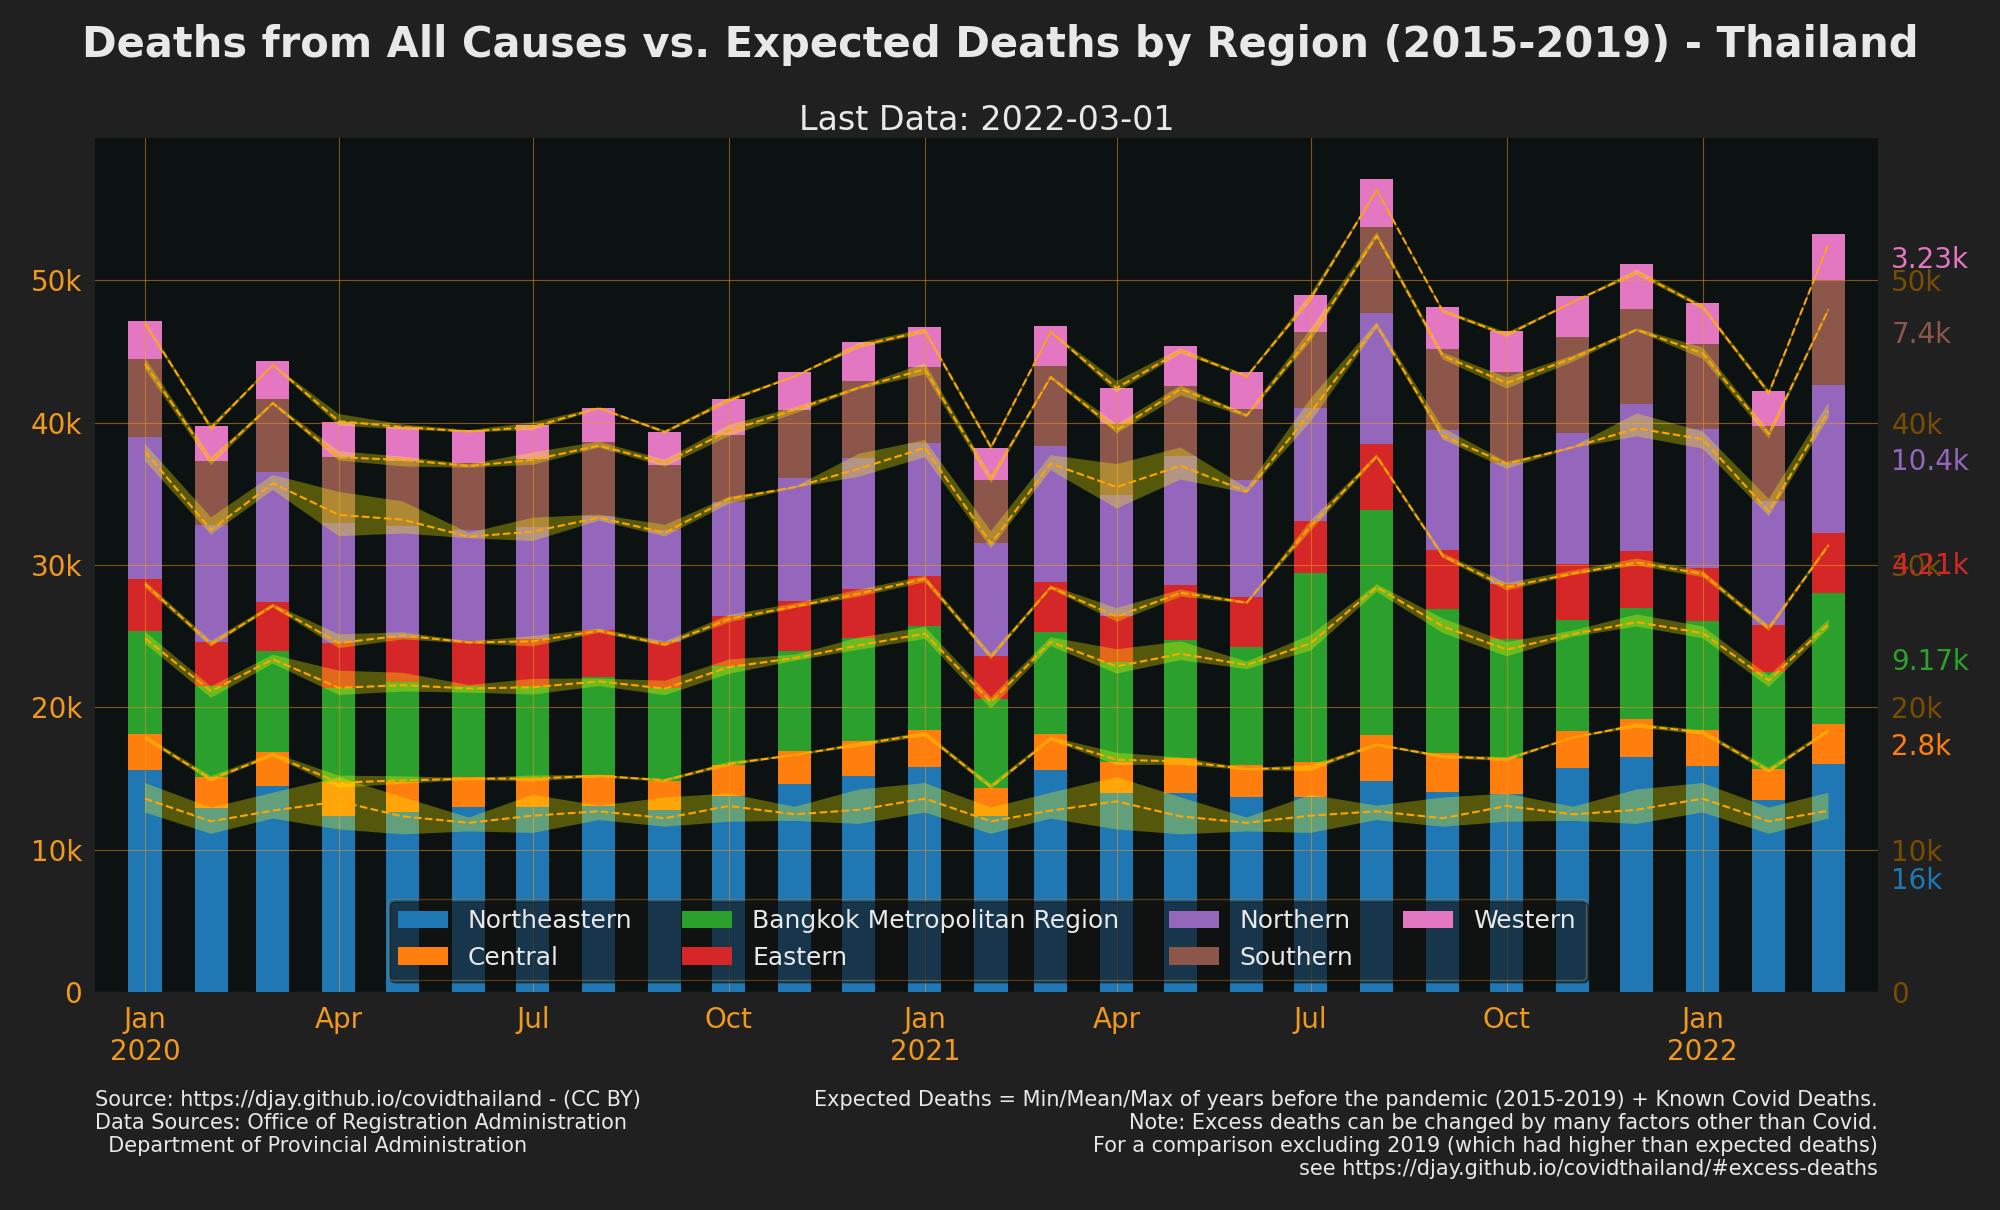 Thailand Excess Deaths by Region